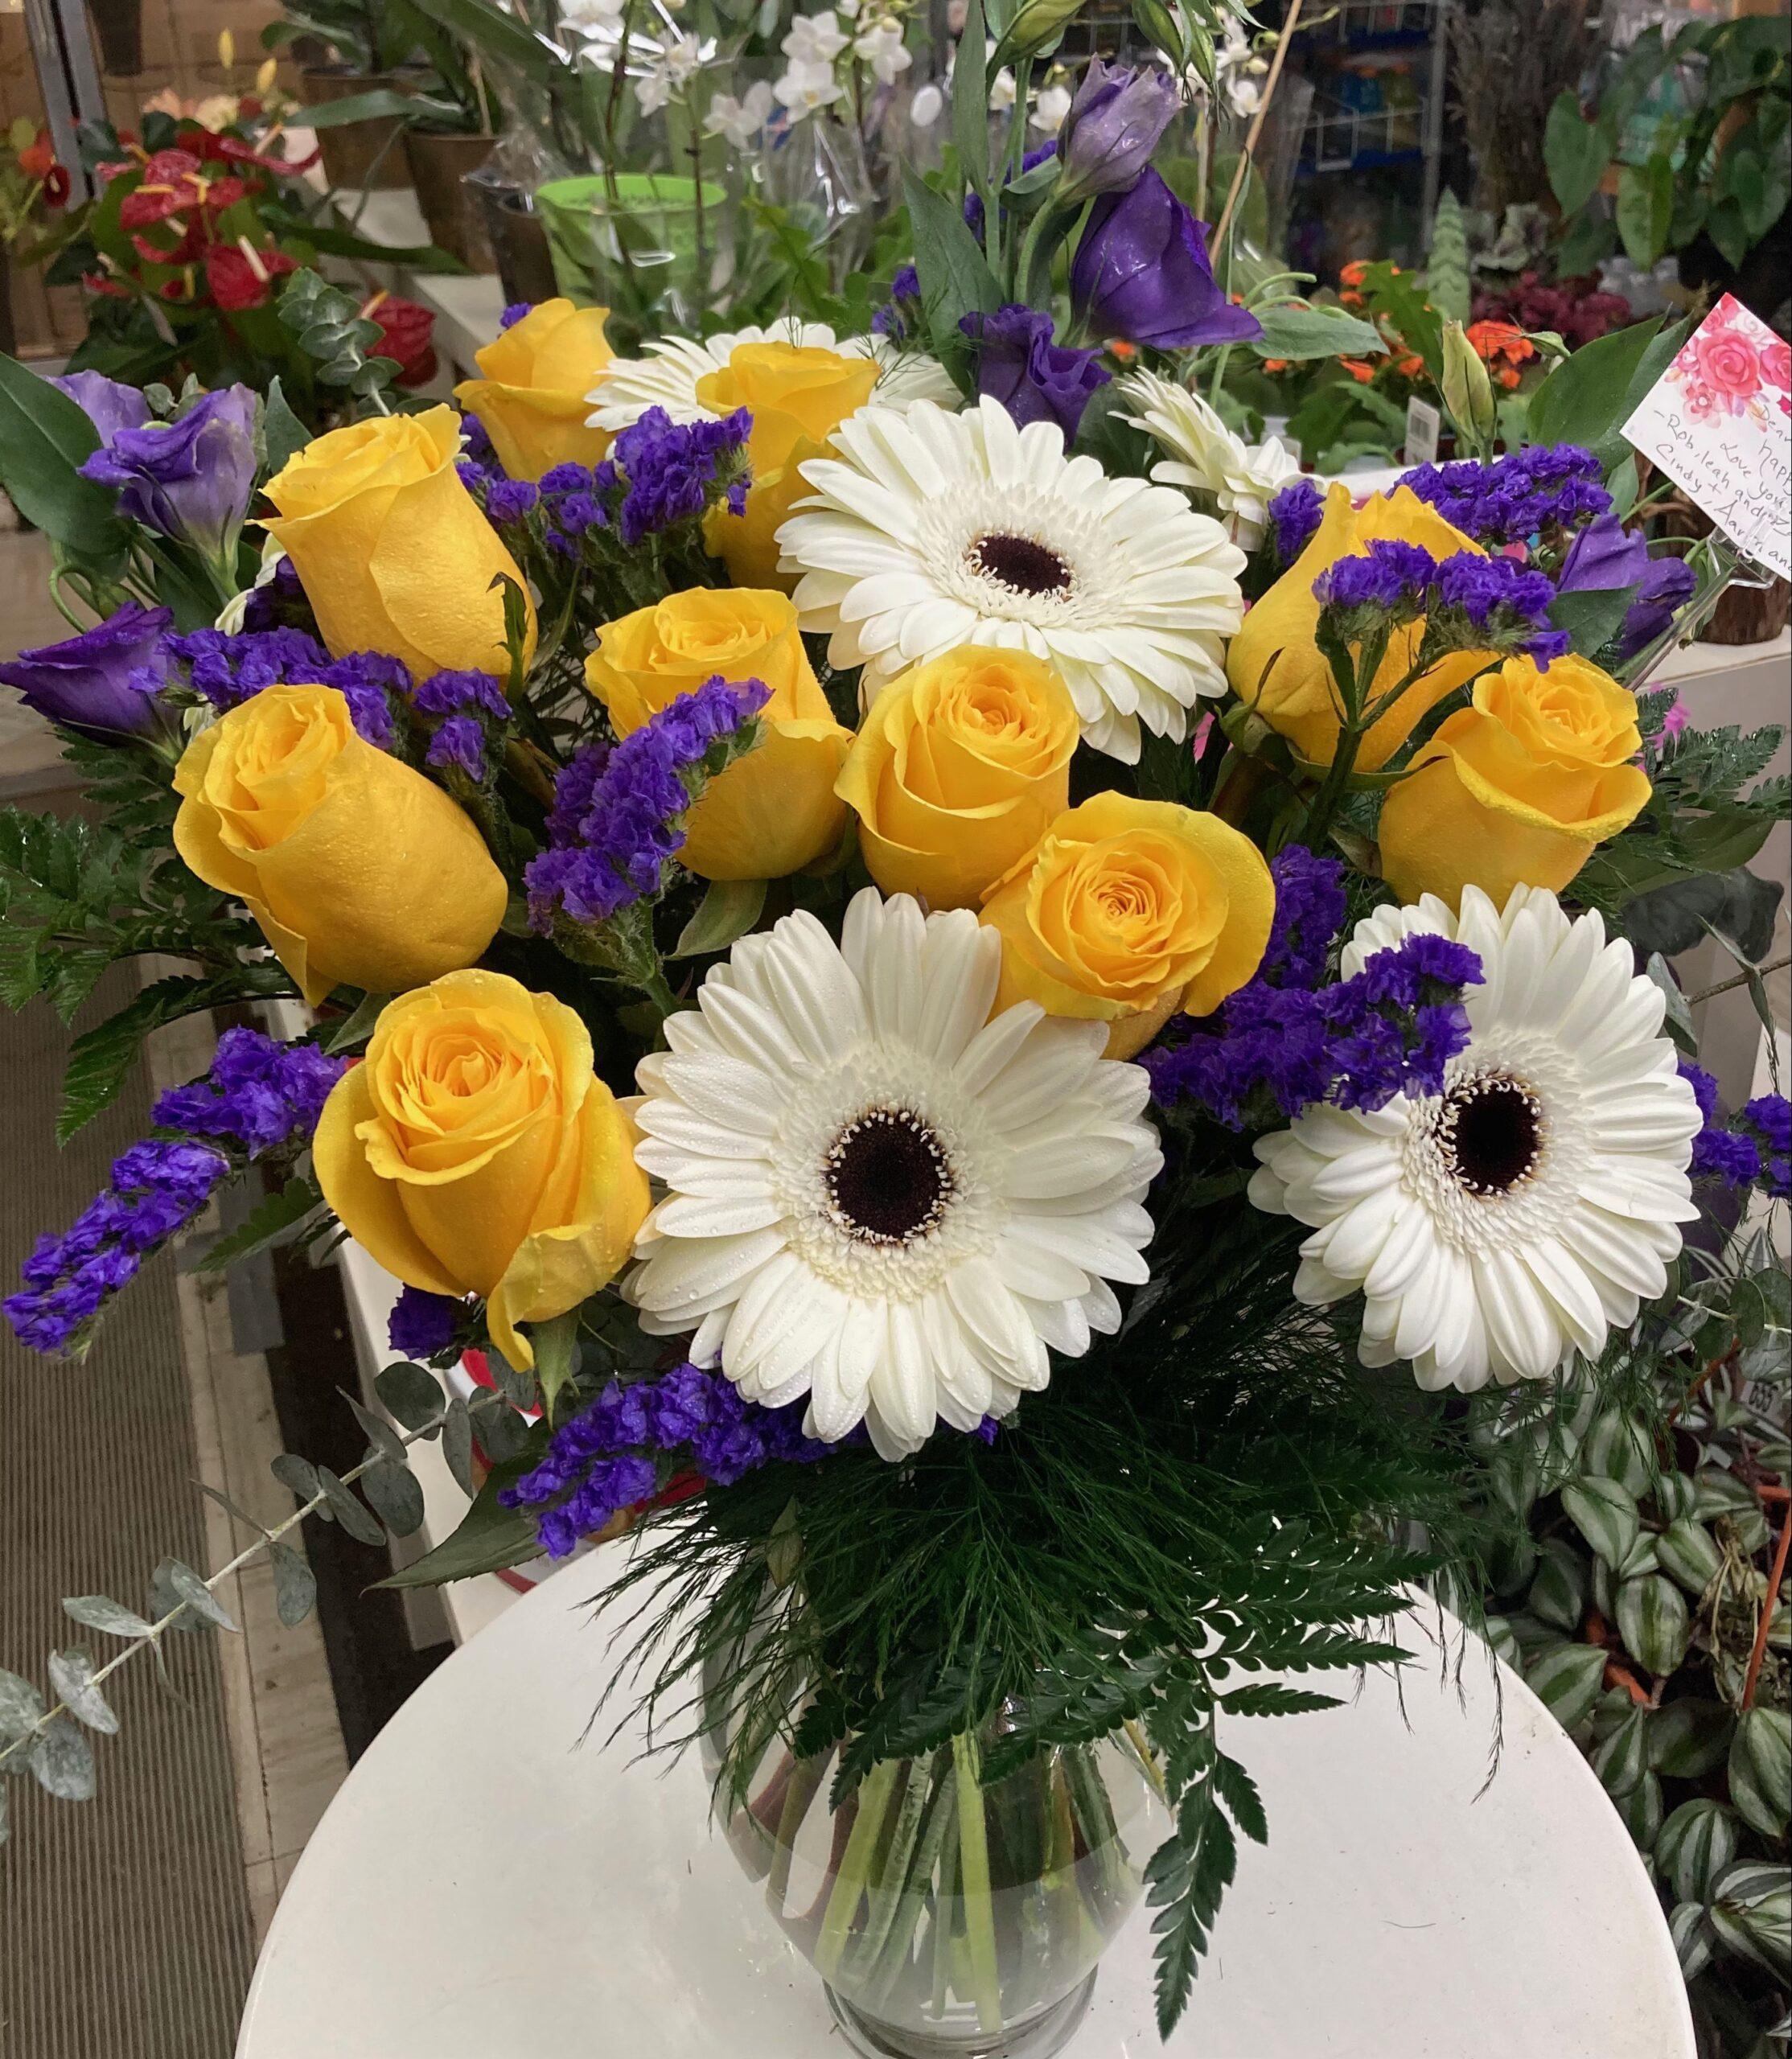 Sunny color arrangement